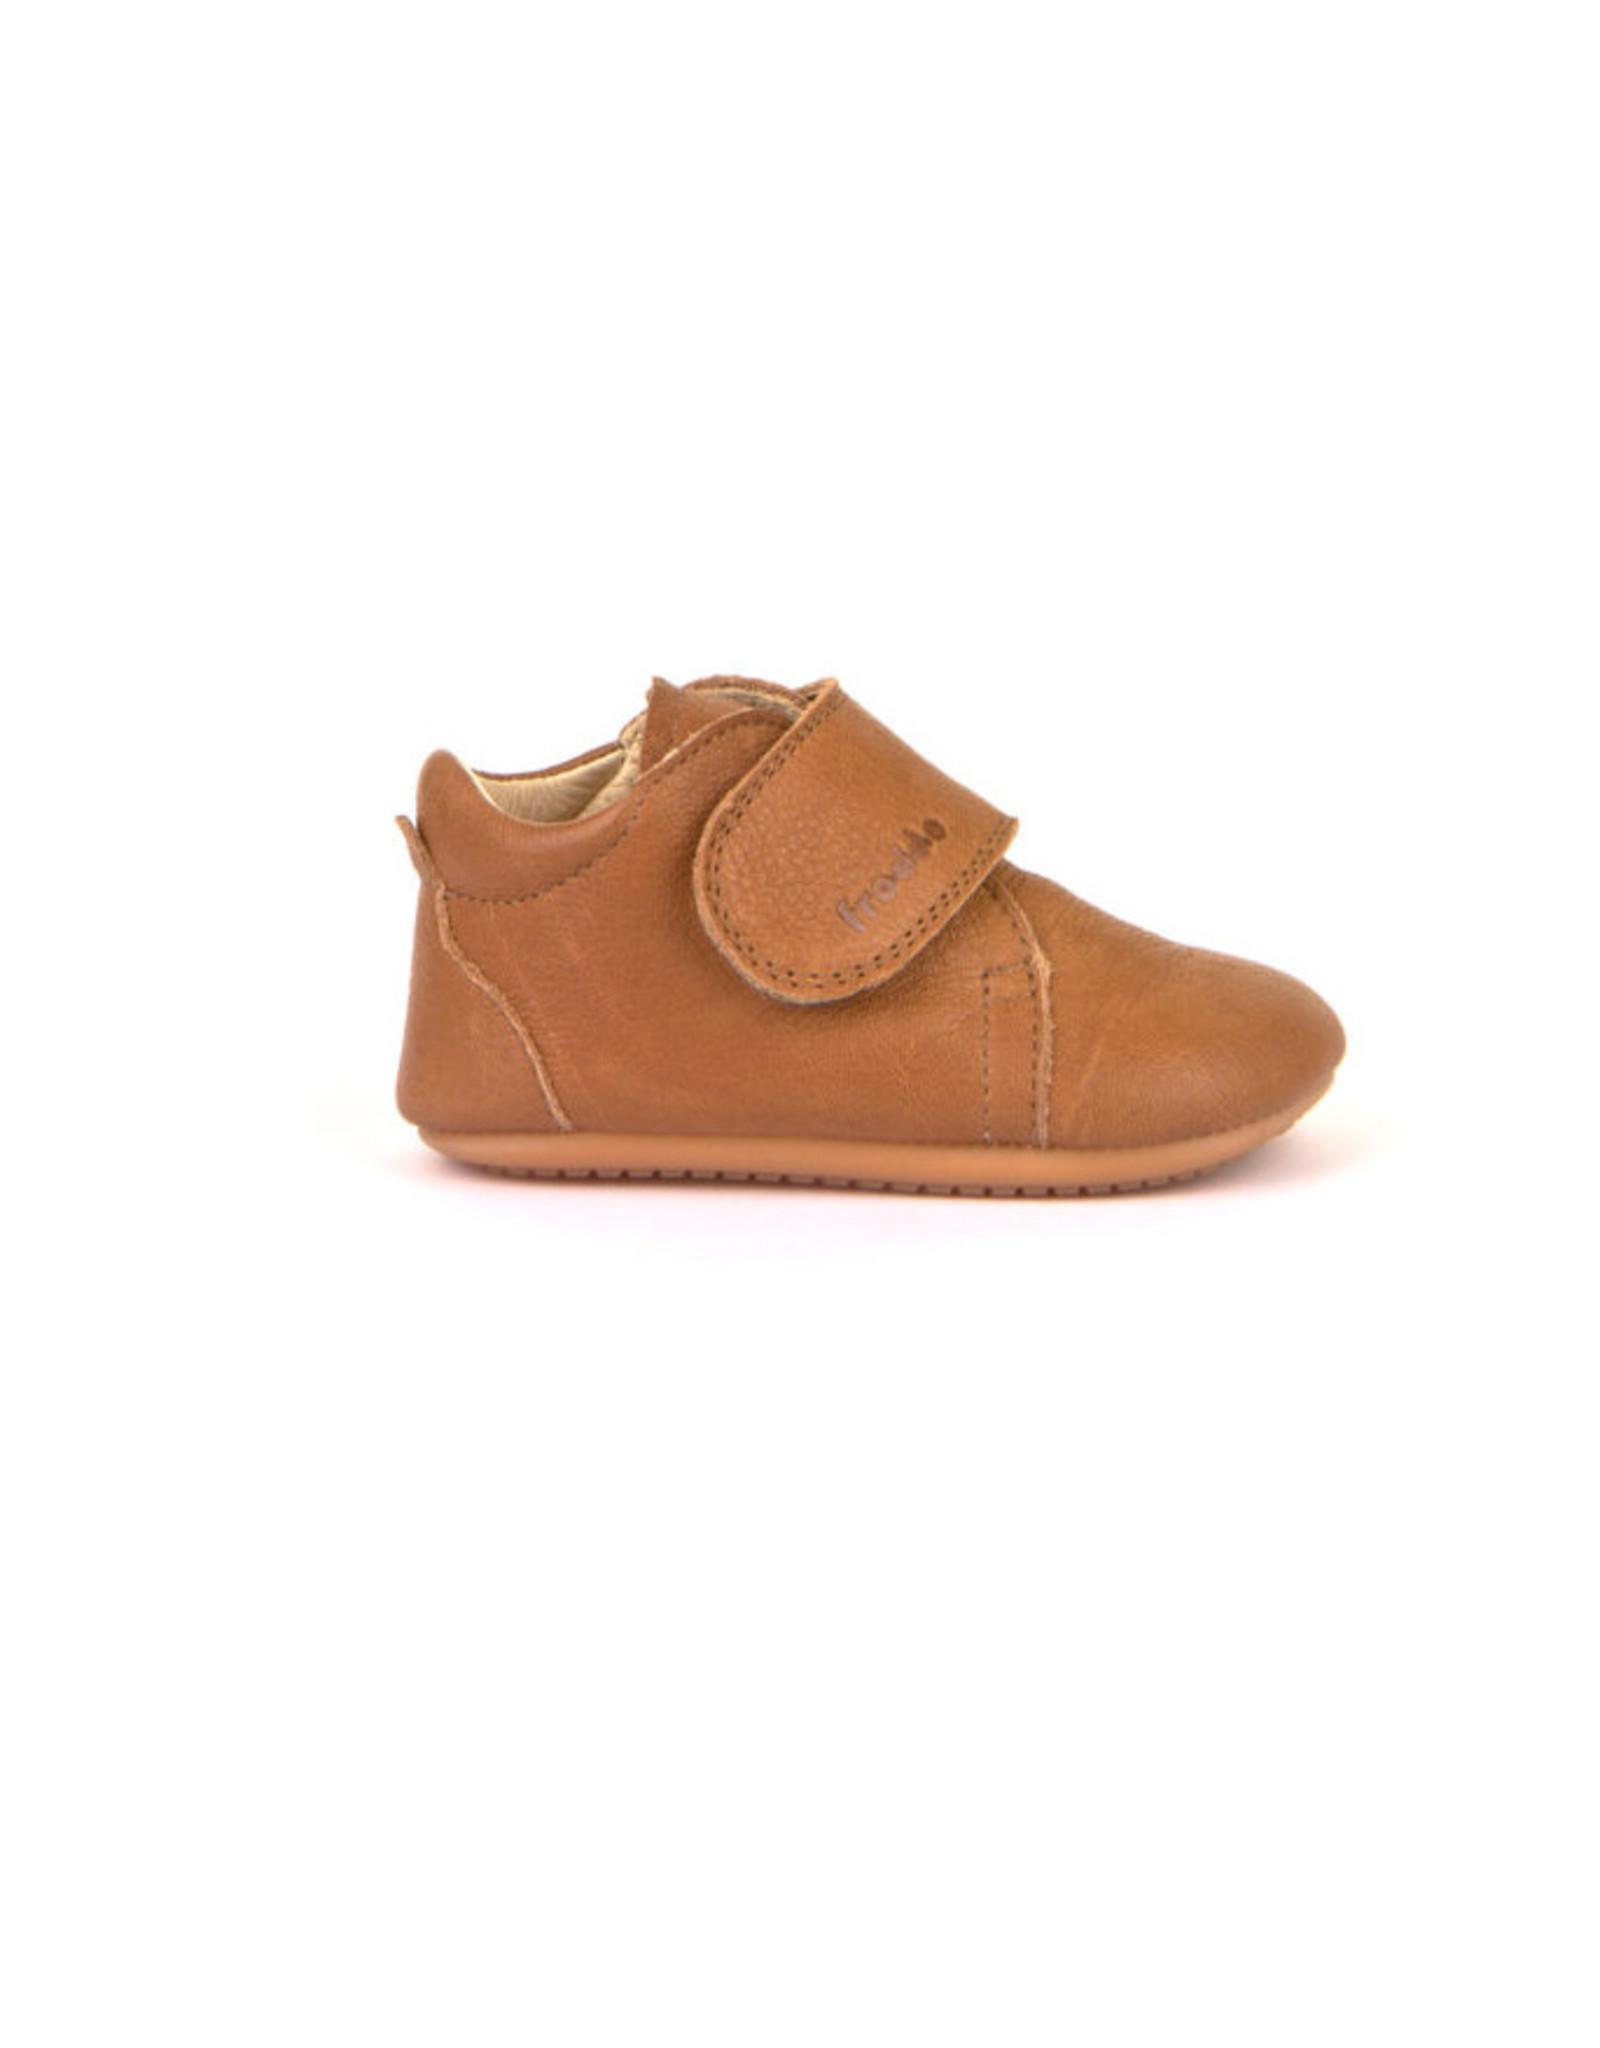 Prewalker shoes cognac